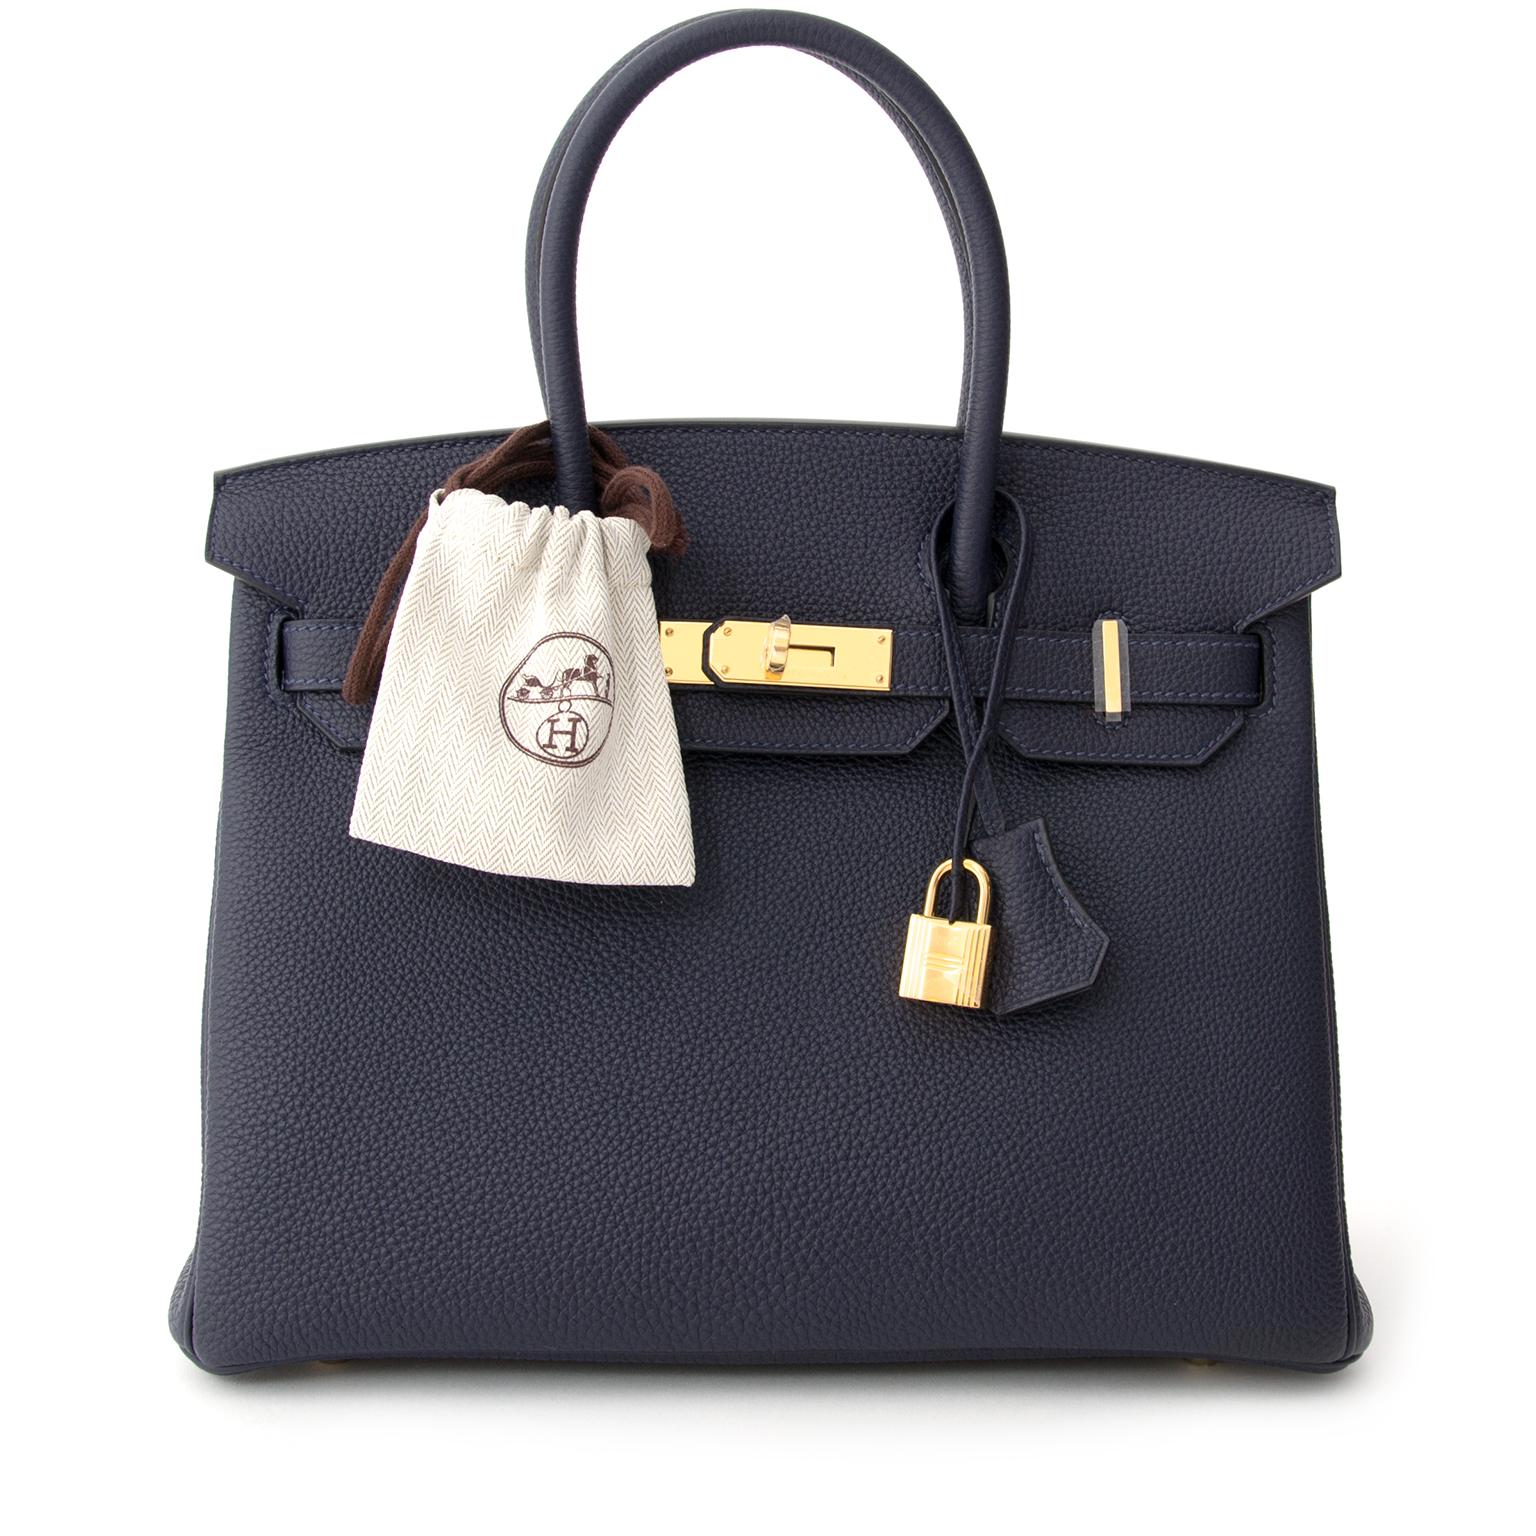 buy safe online secondhand designer brend new Hermès Birkin 30 Bleu Nuit Togo GHW